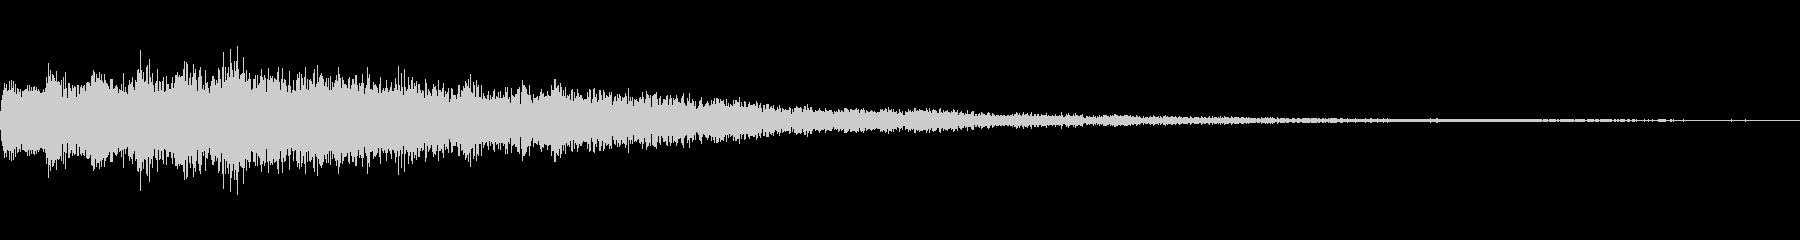 キラリ~ン(趣のある音色に仕上げました)の未再生の波形